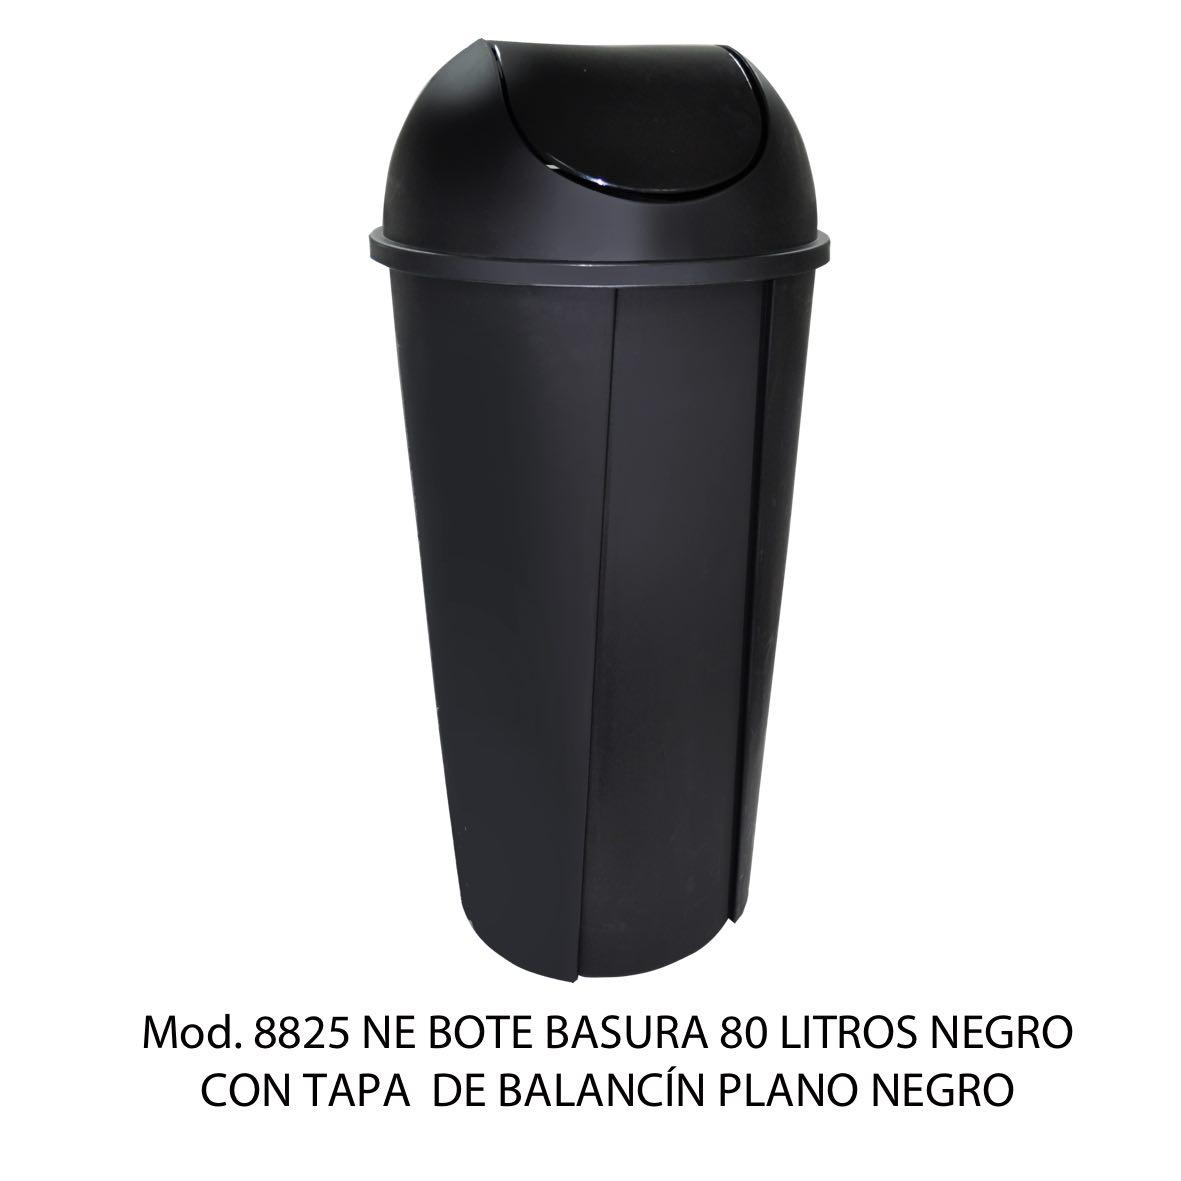 Bote de basura redondo negro de 80 litros con tapa negro tipo balancín liso modelo 8715 NE Sablón